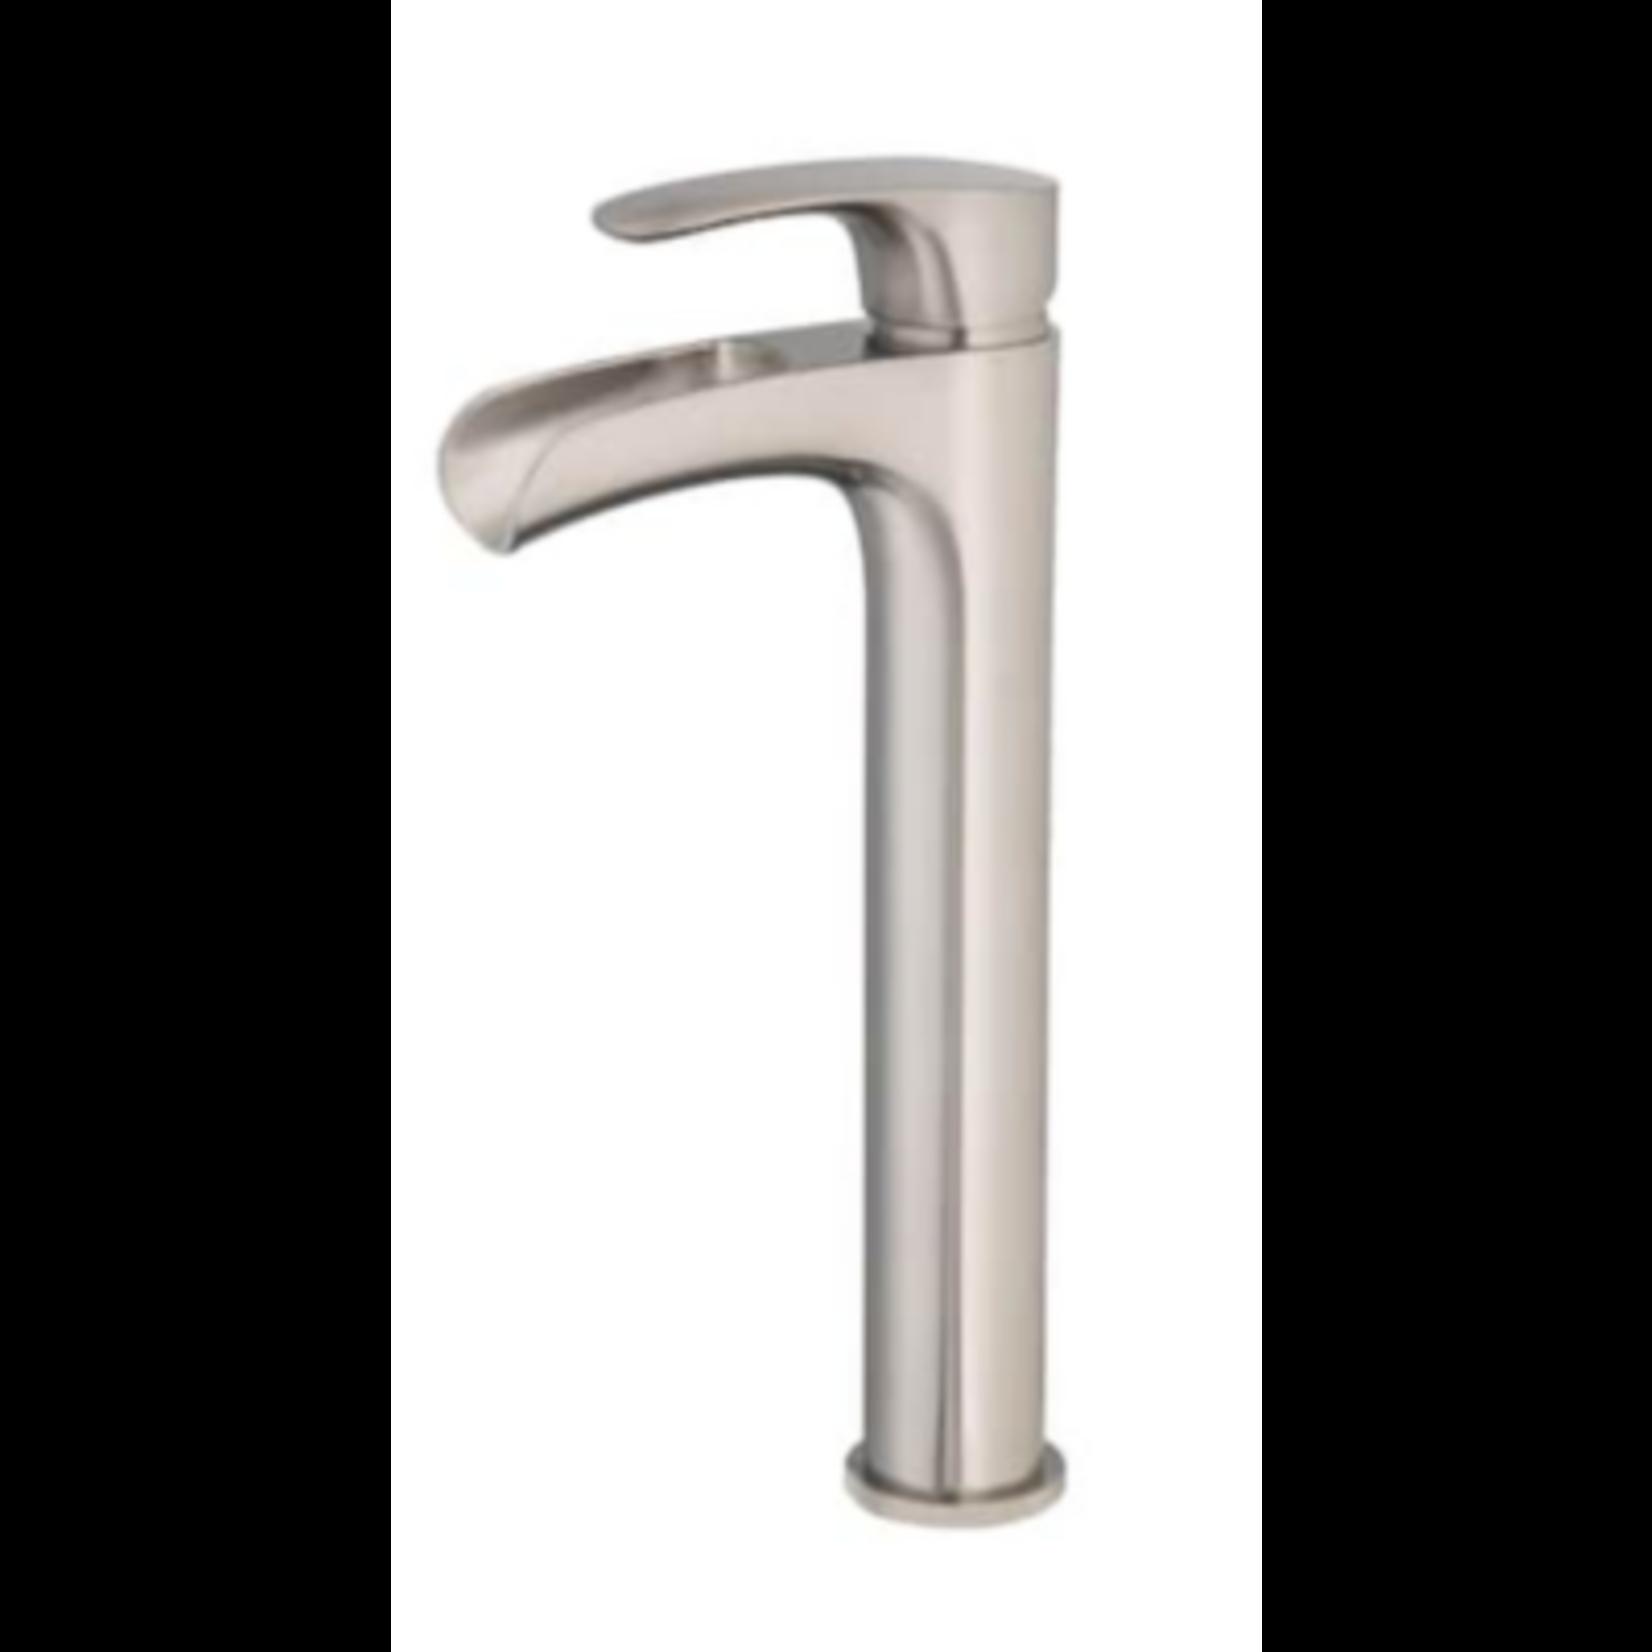 2000 - Jacuzzi - Callum Bathroom Faucet